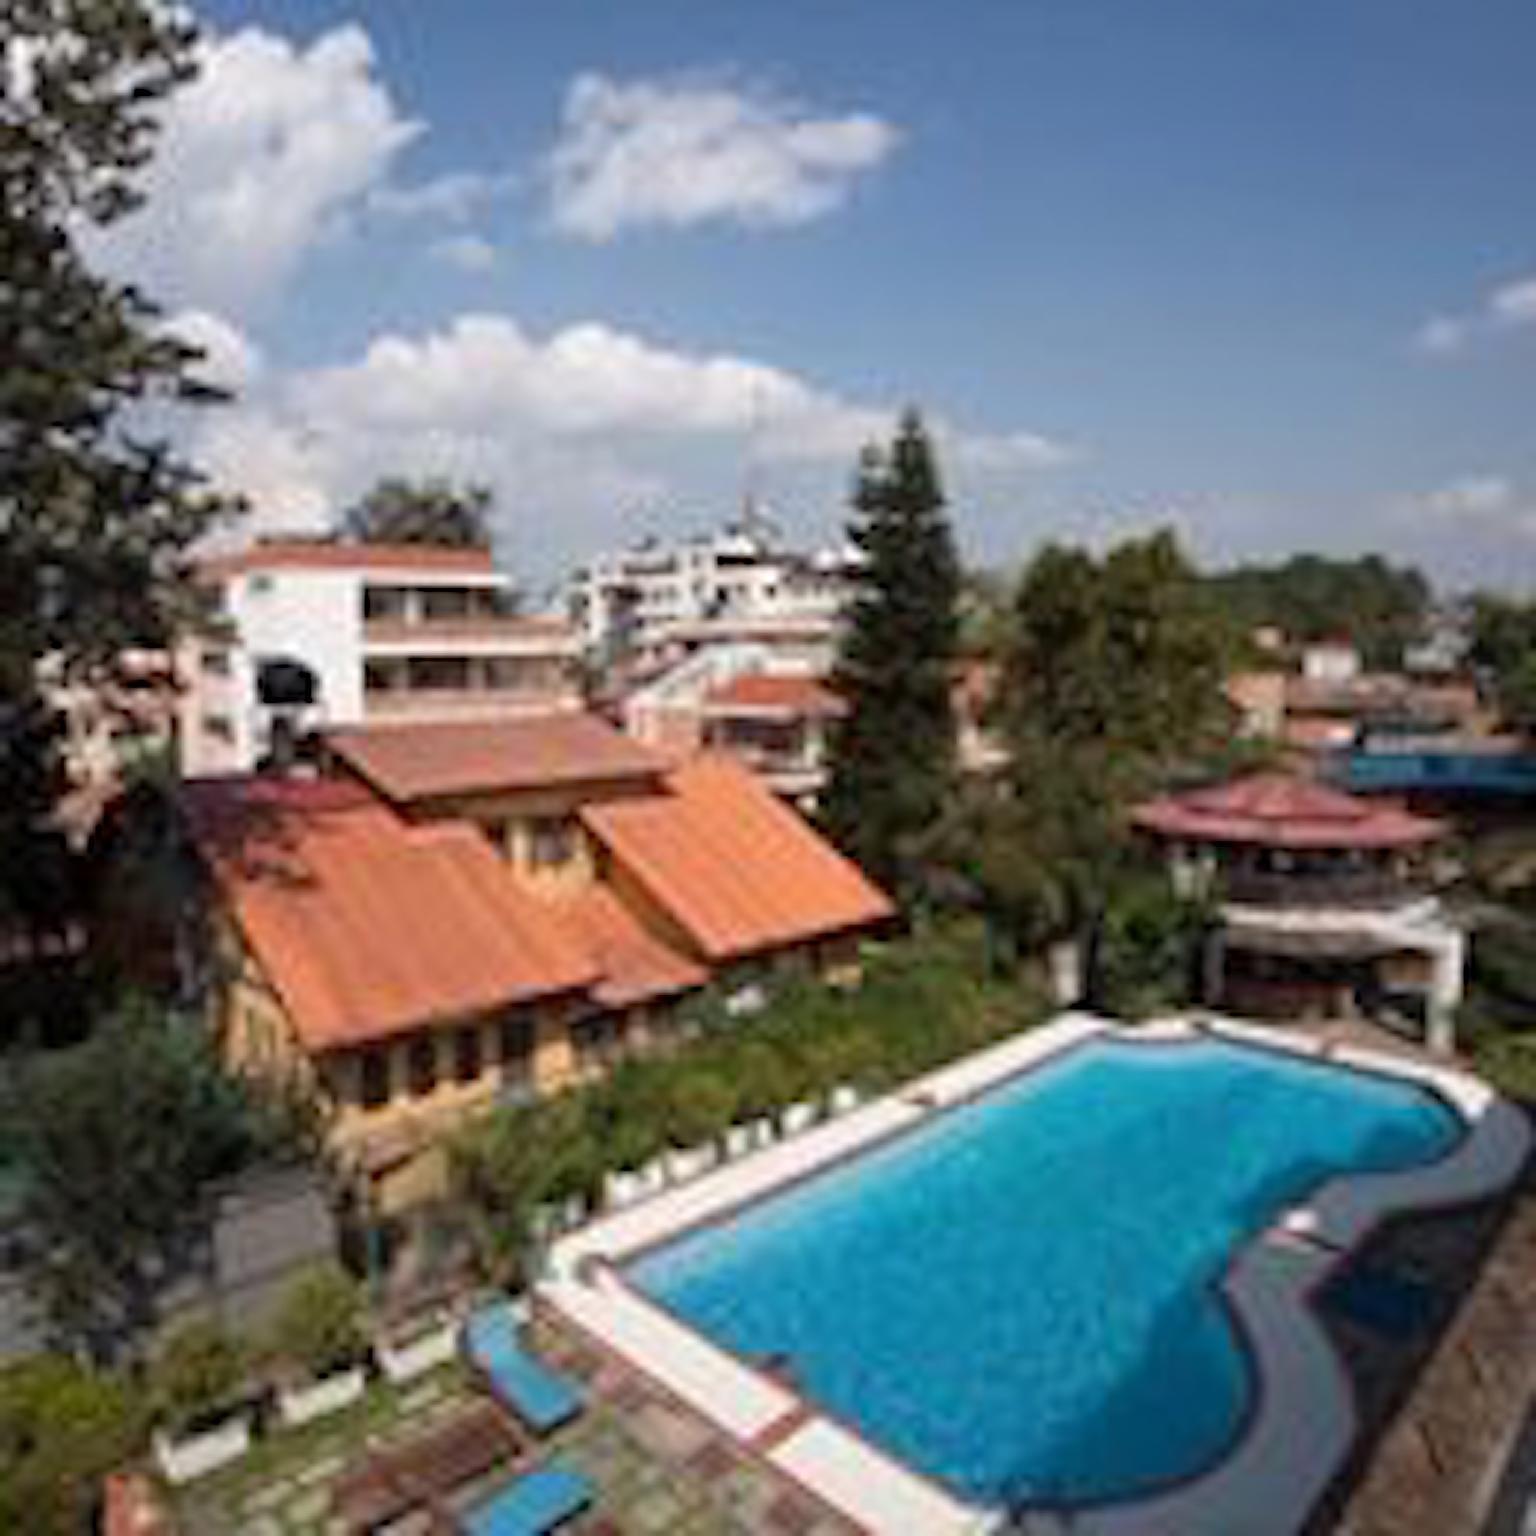 shaligram hotel kathmandu from 80 save on agoda rh agoda com